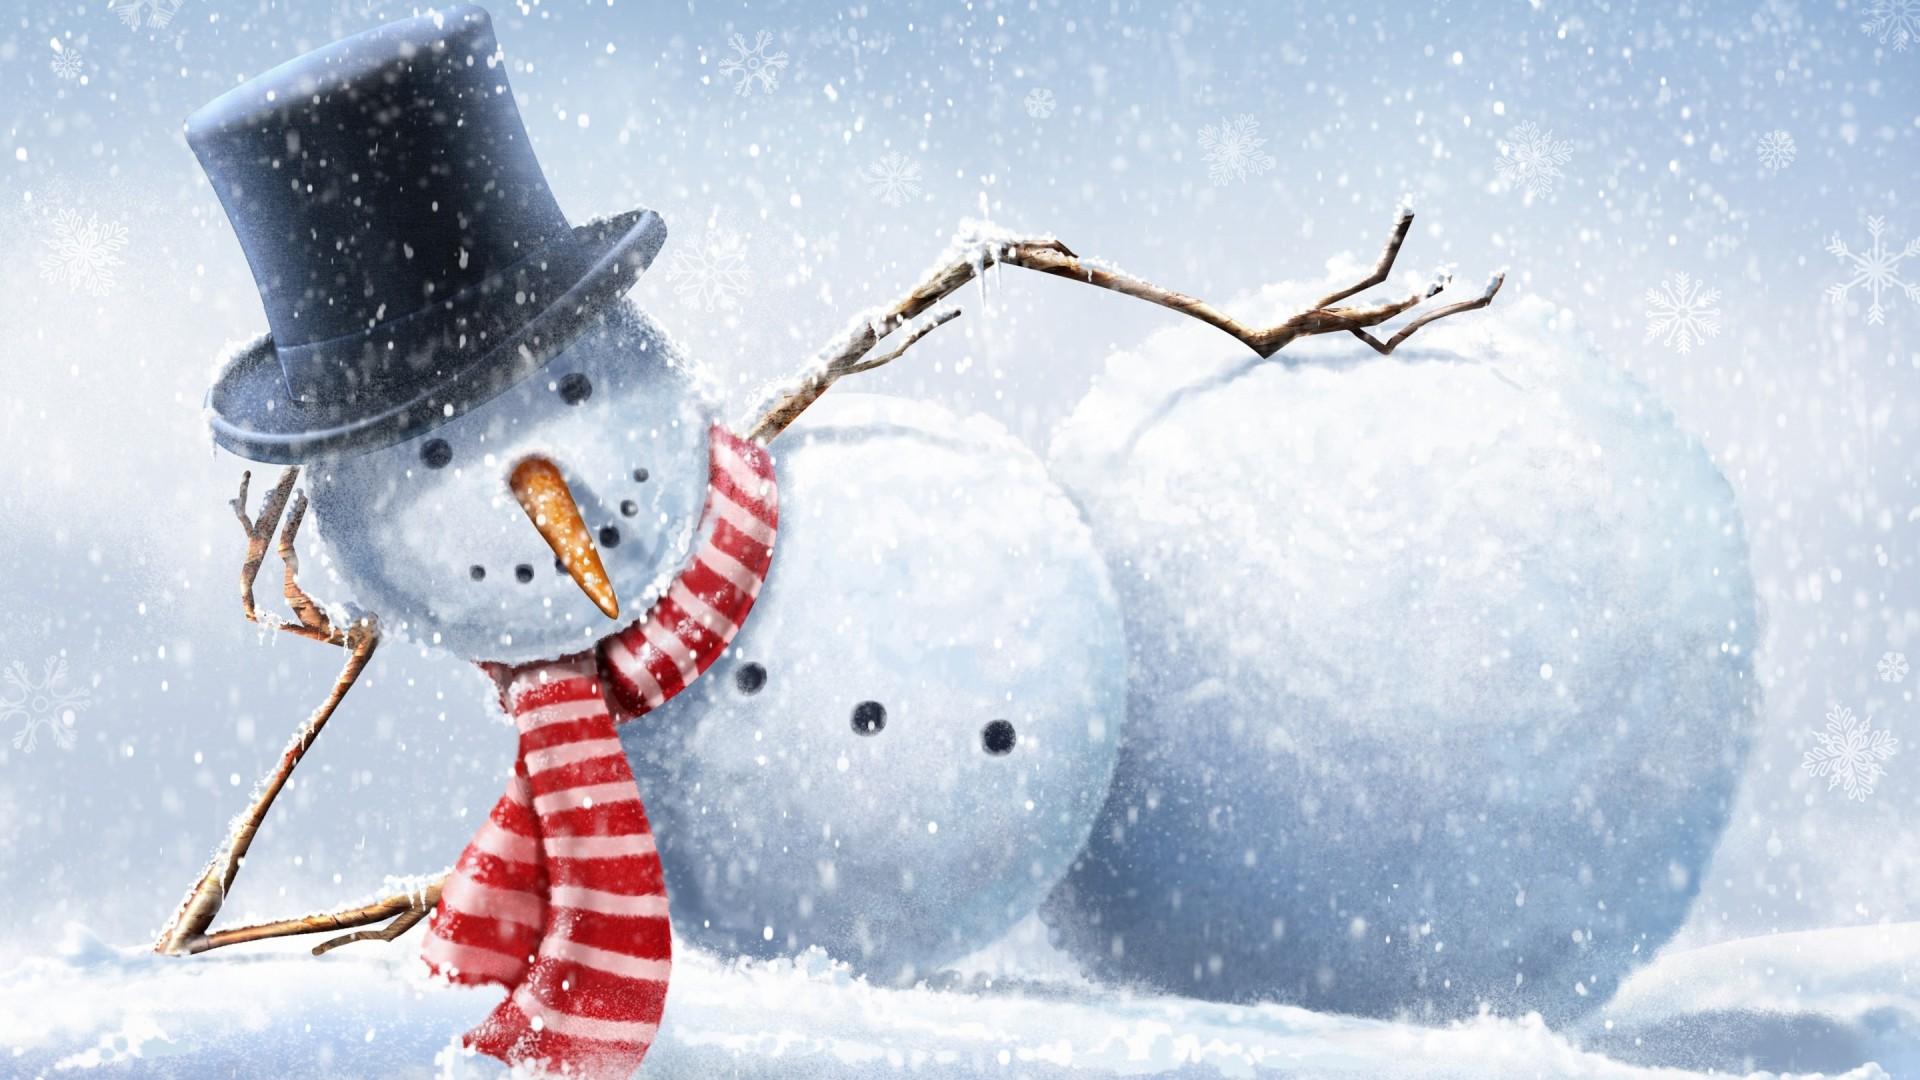 vianoce-snehuliak